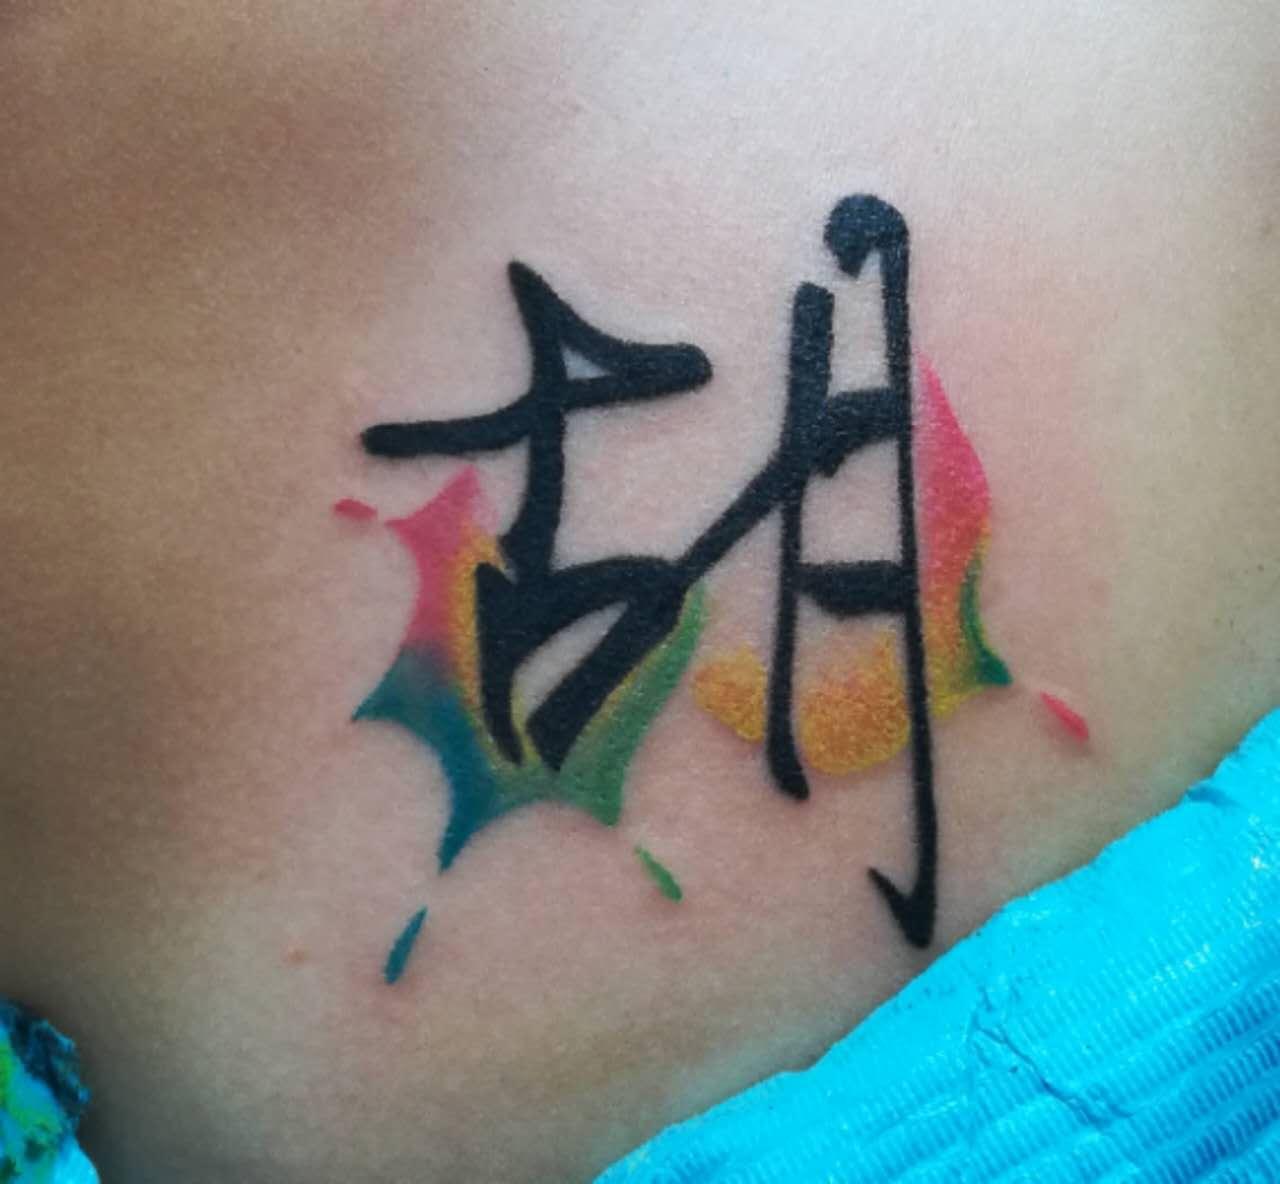 鄭州紋身:漢字紋身,水墨紋身.jpg